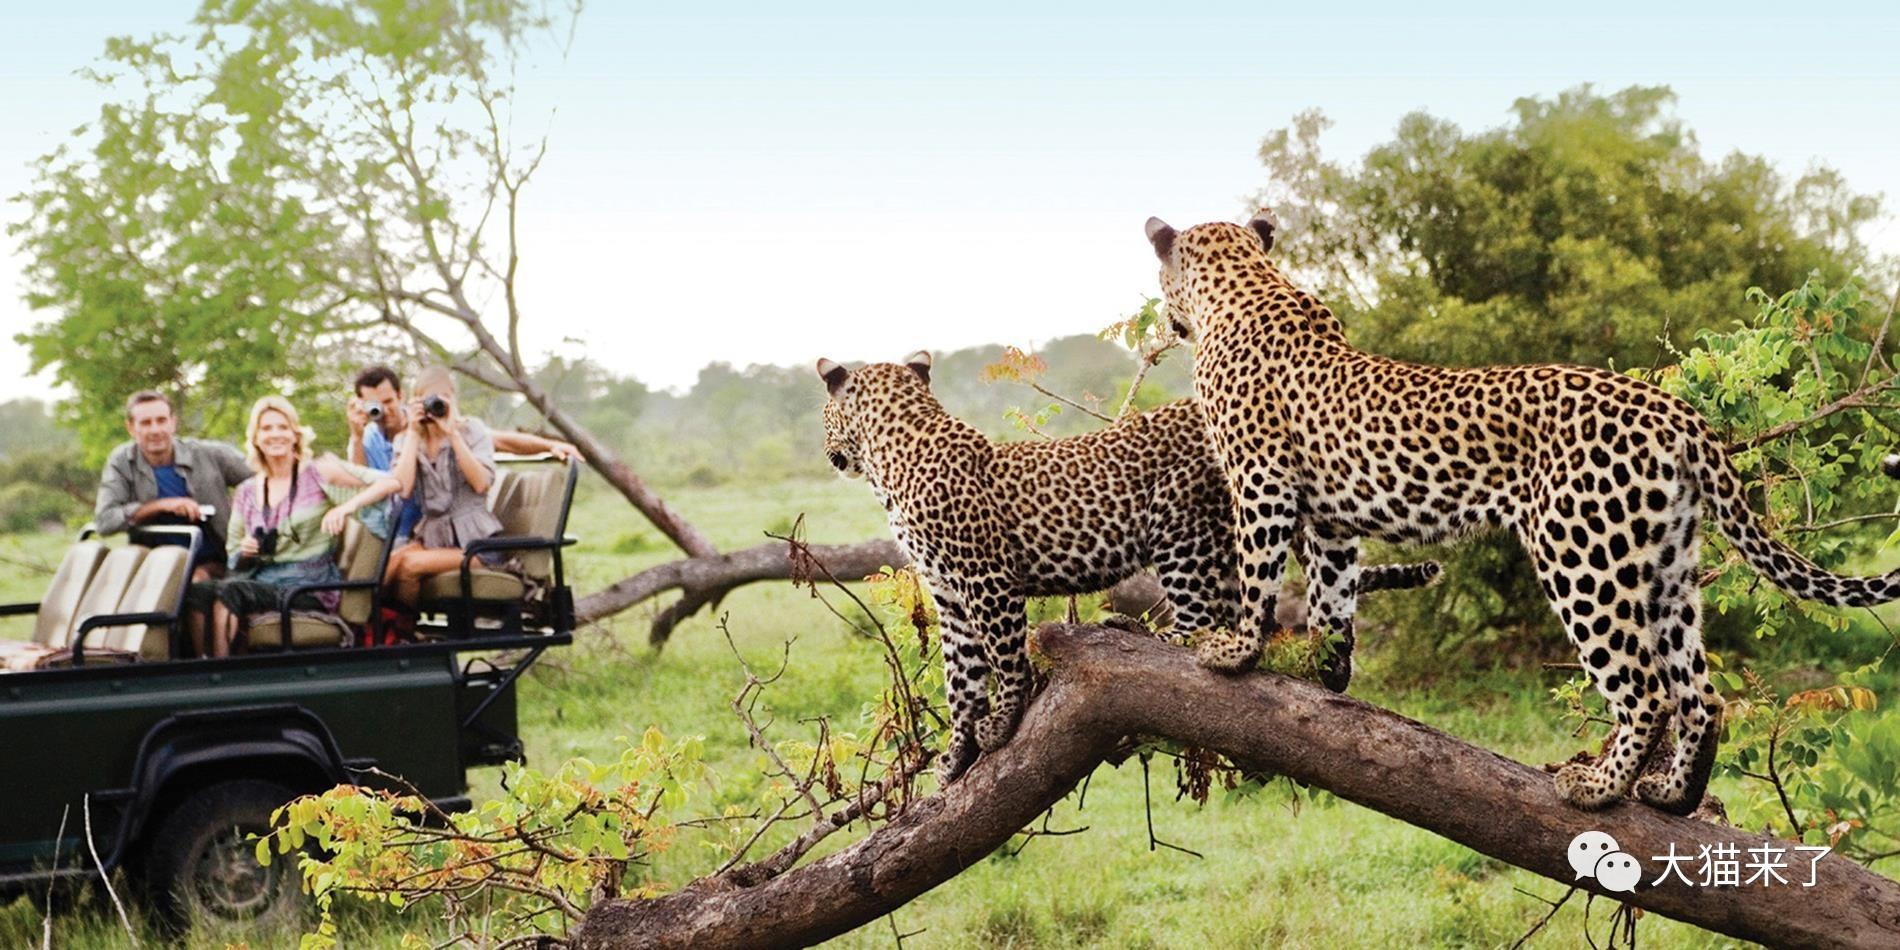 """宠物-免费yoqq边旅游边拍照就能保护狮子老虎?科学家已经开始""""拉拢""""游客了yoqq资源(5)"""